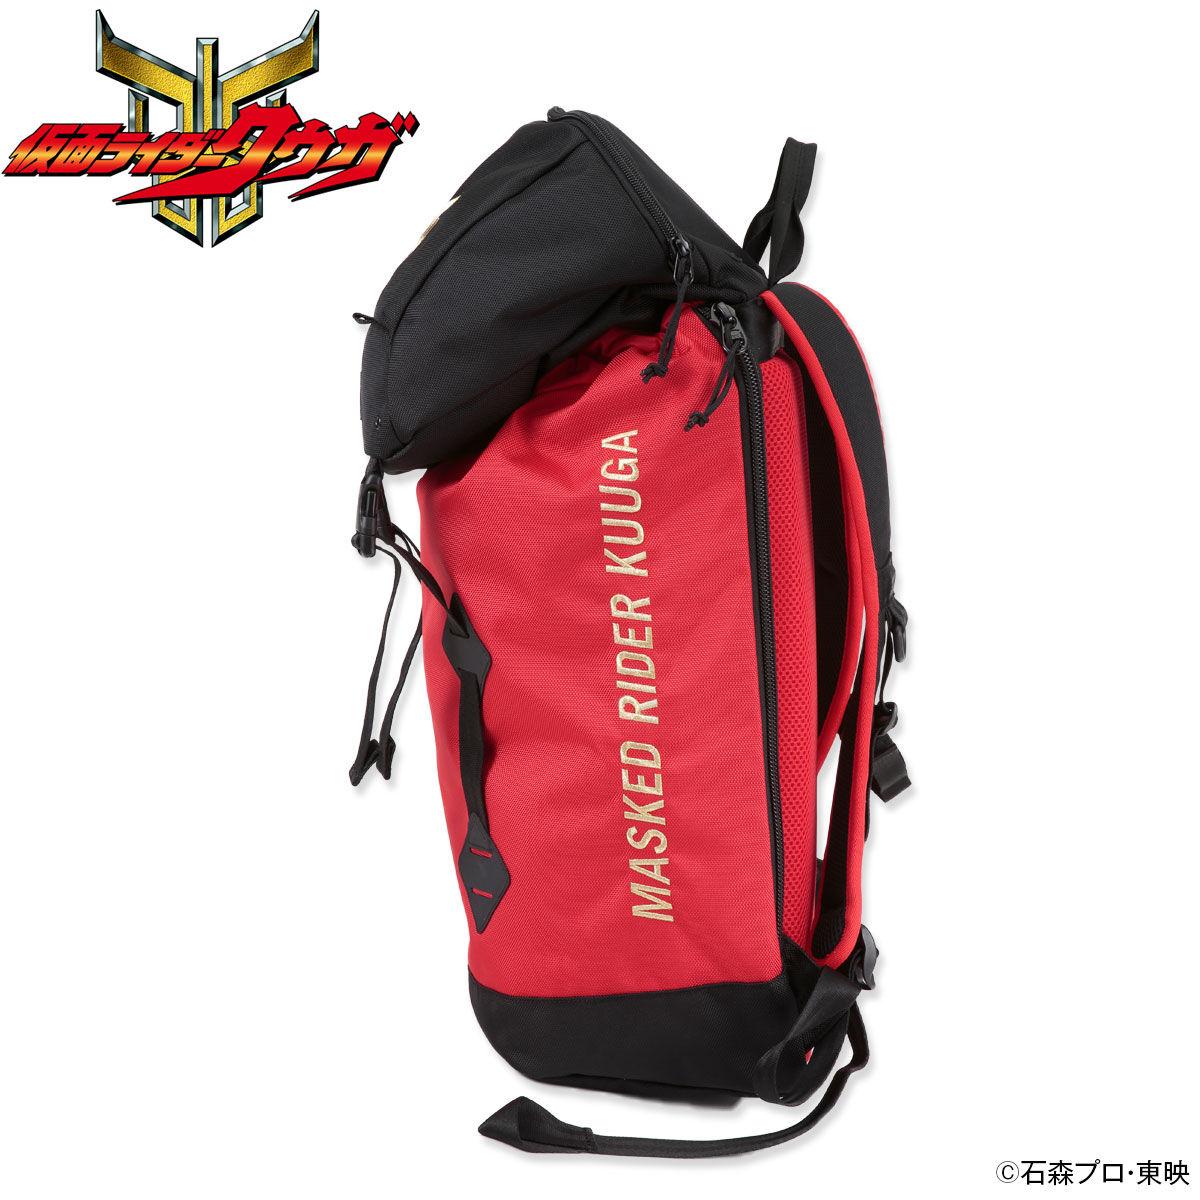 Backpack—Kamen Rider Kuuga/New Era Collaboration